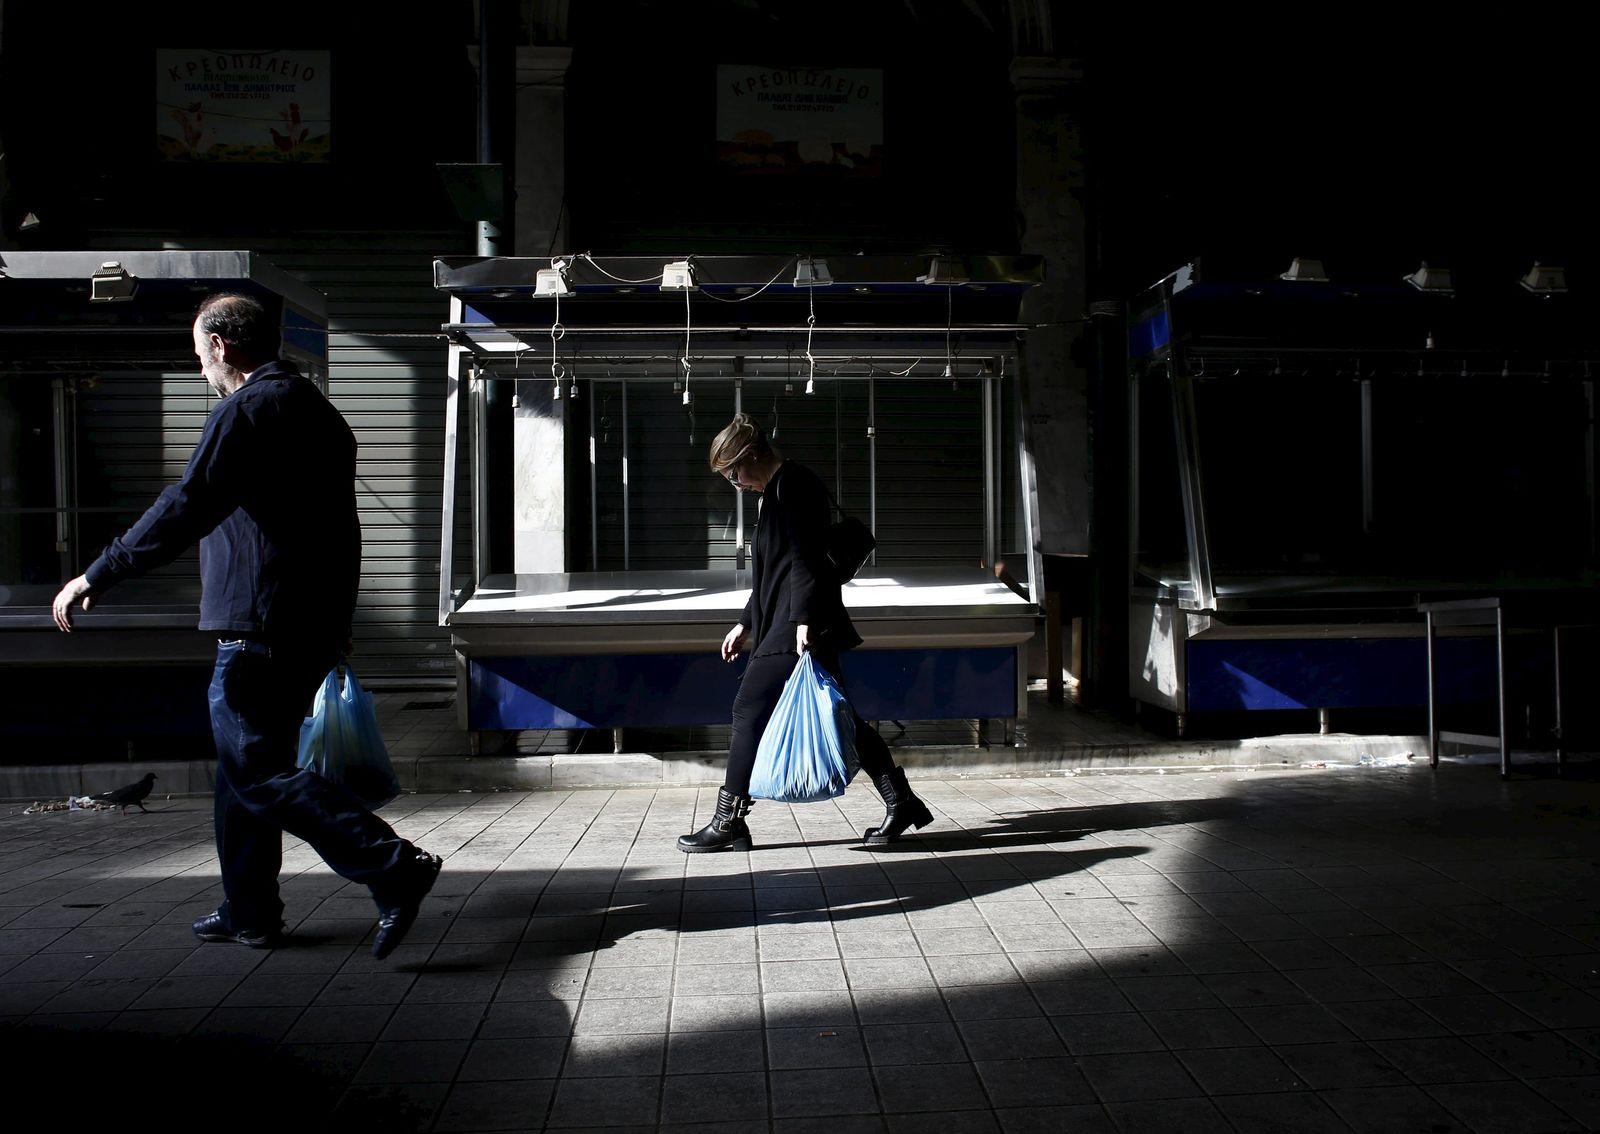 Griechenland Misere